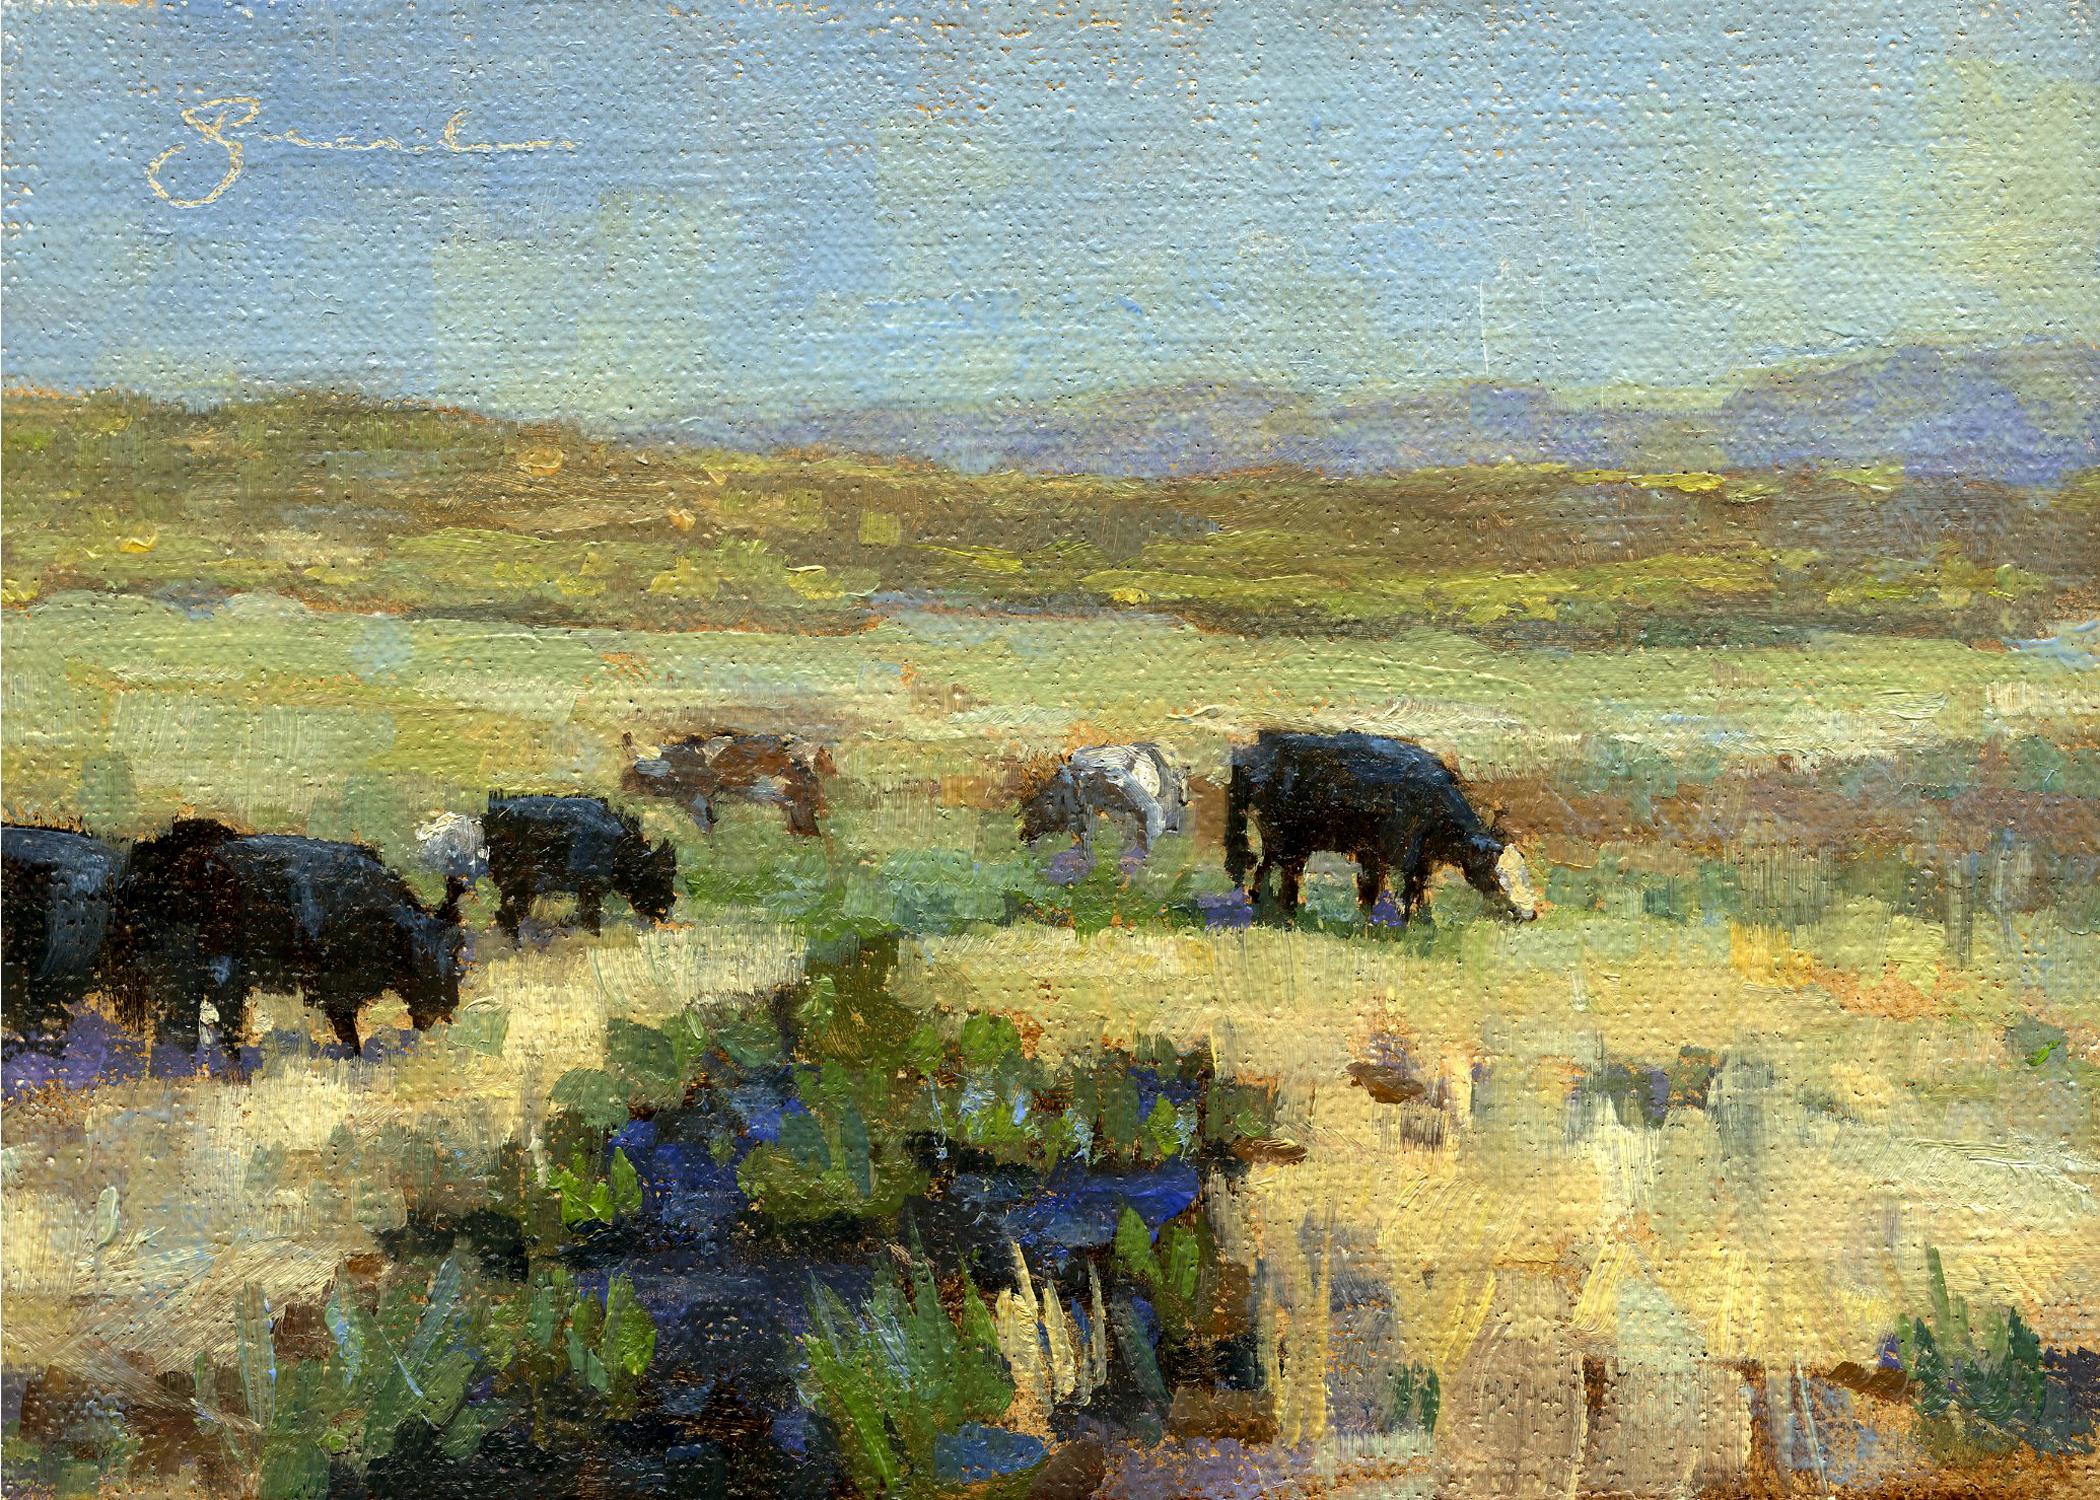 Eastern Sierra Cattle